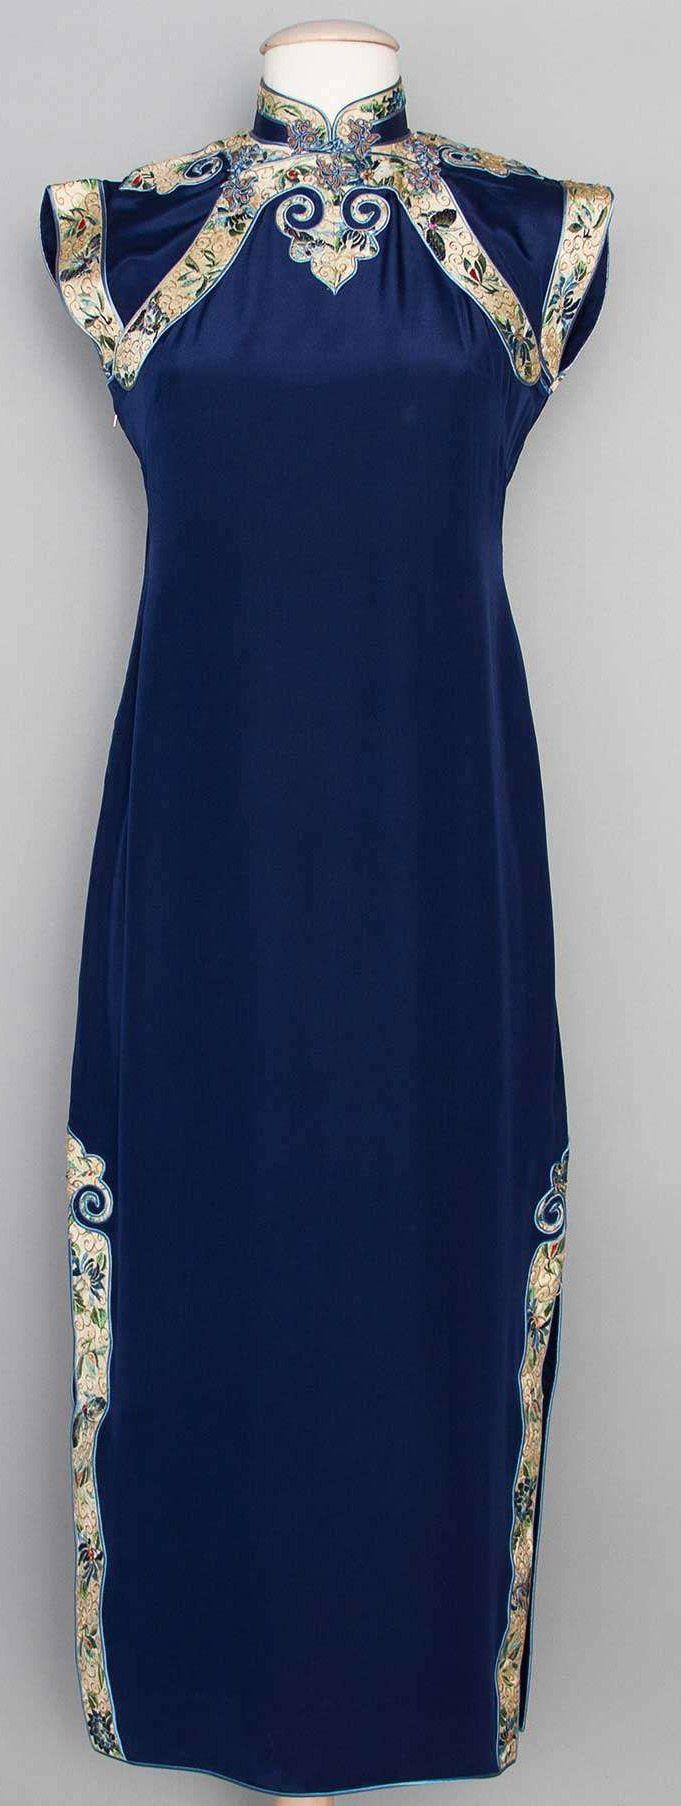 История китайского костюма насчитывает не одну тысячу лет. Костюм потрясает своей изысканностью, красотой формы, богатством цвета и сочетанием рисунков. Но не будем пытаться объять необъятное. Сейчас если вы скажете 'Китай', то, скорее, представите не многослойные кимоно с юбками-передниками, не хитроумные платья-халаты Ханьфу, а подумаете о строгом платье-футляре с воротником стойкой и косым разрезом-застежкой.